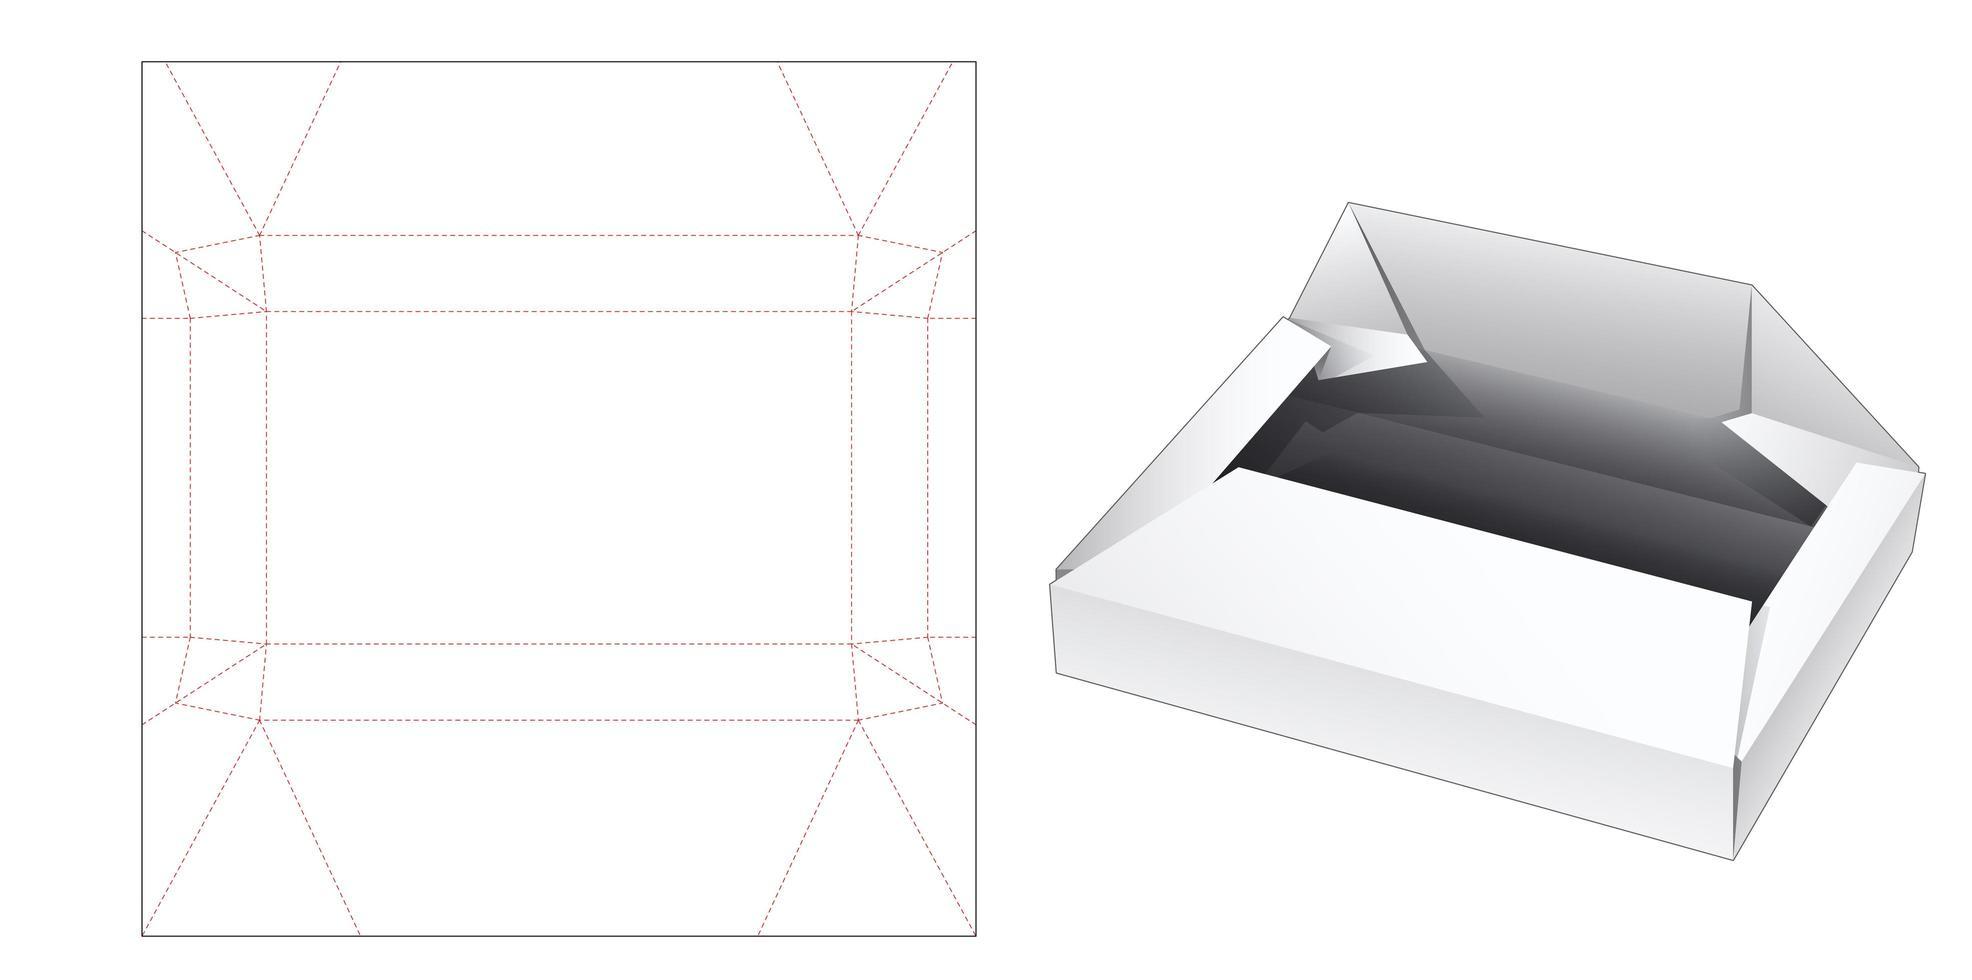 Geschenkpapierbox vektor